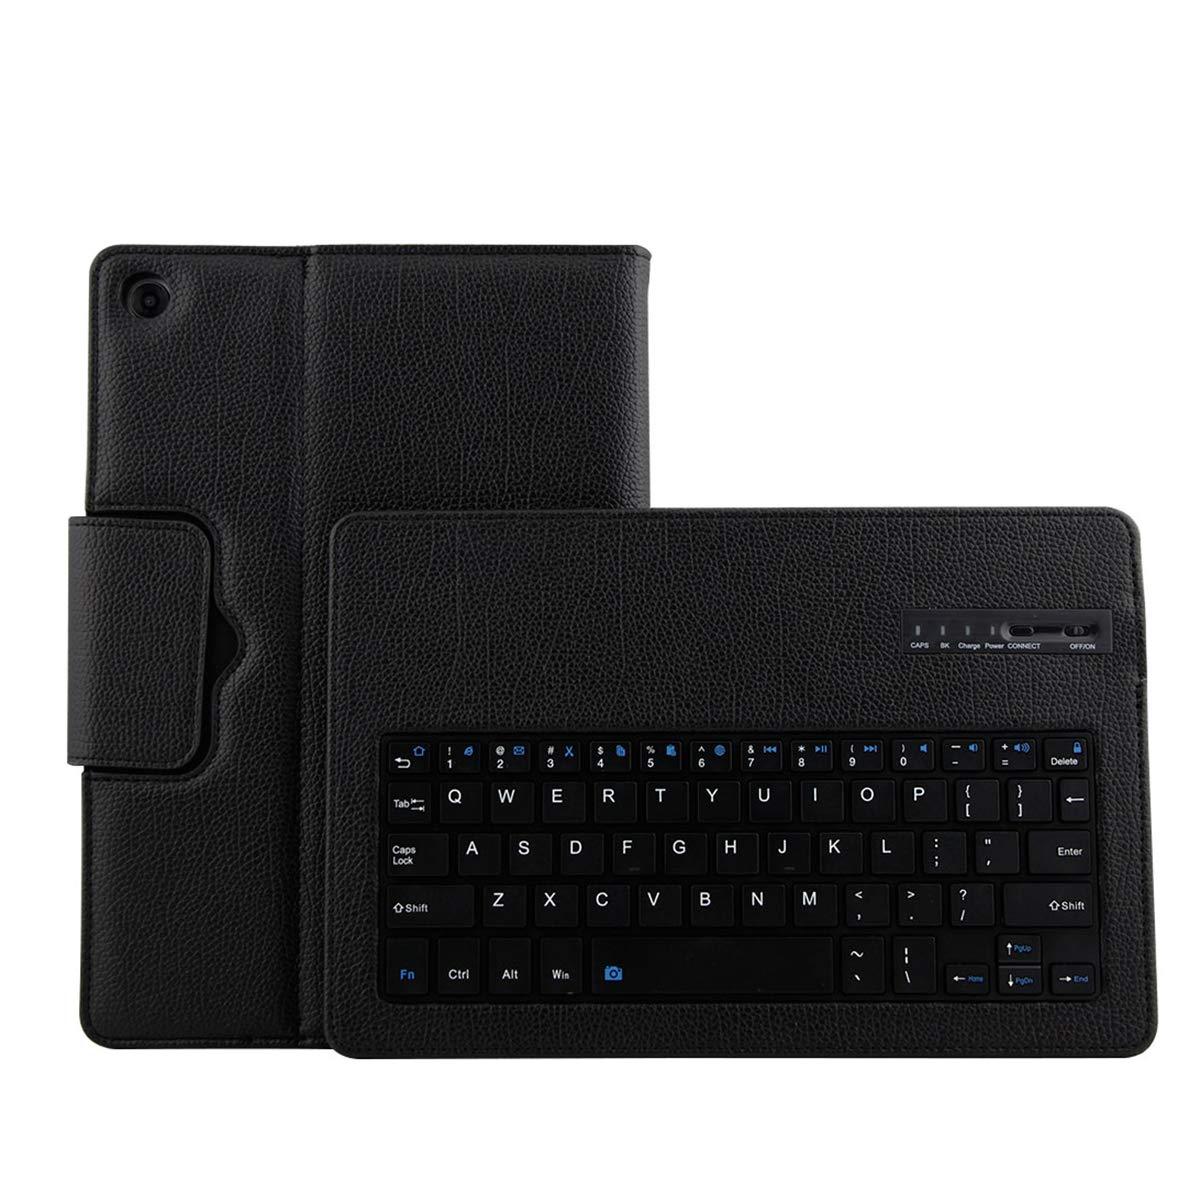 【人気商品!】 Happon Huawei Mediapad ブラック, M5 ブラック Mediapad 10.8ケースセット 取り外し可能なワイヤレスUSAキーボードタブレットプロテクターケース付き フリップ耐衝撃 完全保護 Huawei Mediapad M5 10.8用, ブラック, 2GDF-M5-354 ブラック B07KTYY1XL, Pet's Park:69b8235e --- a0267596.xsph.ru